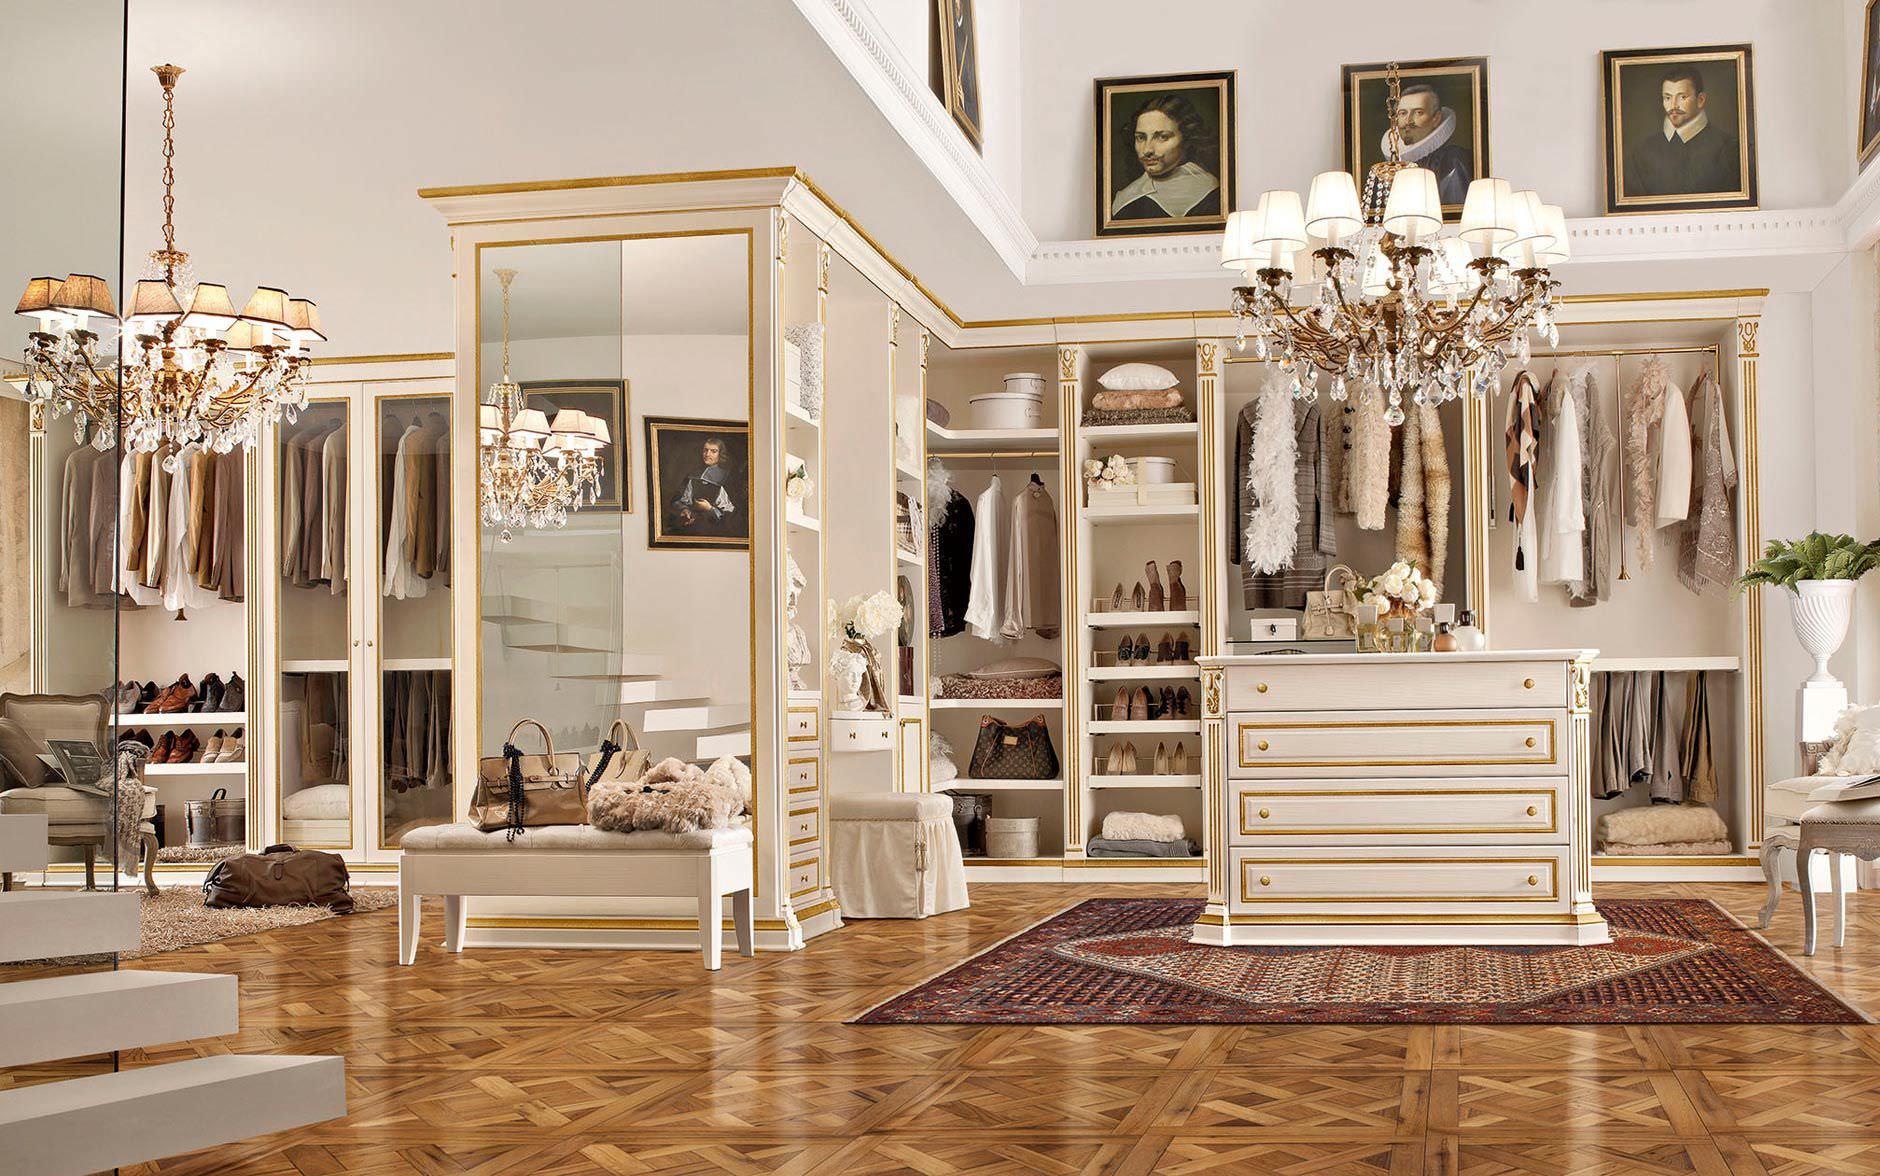 Begehbarer eckkleiderschrank  Wooden walk-in wardrobe - benedetti MOBILI